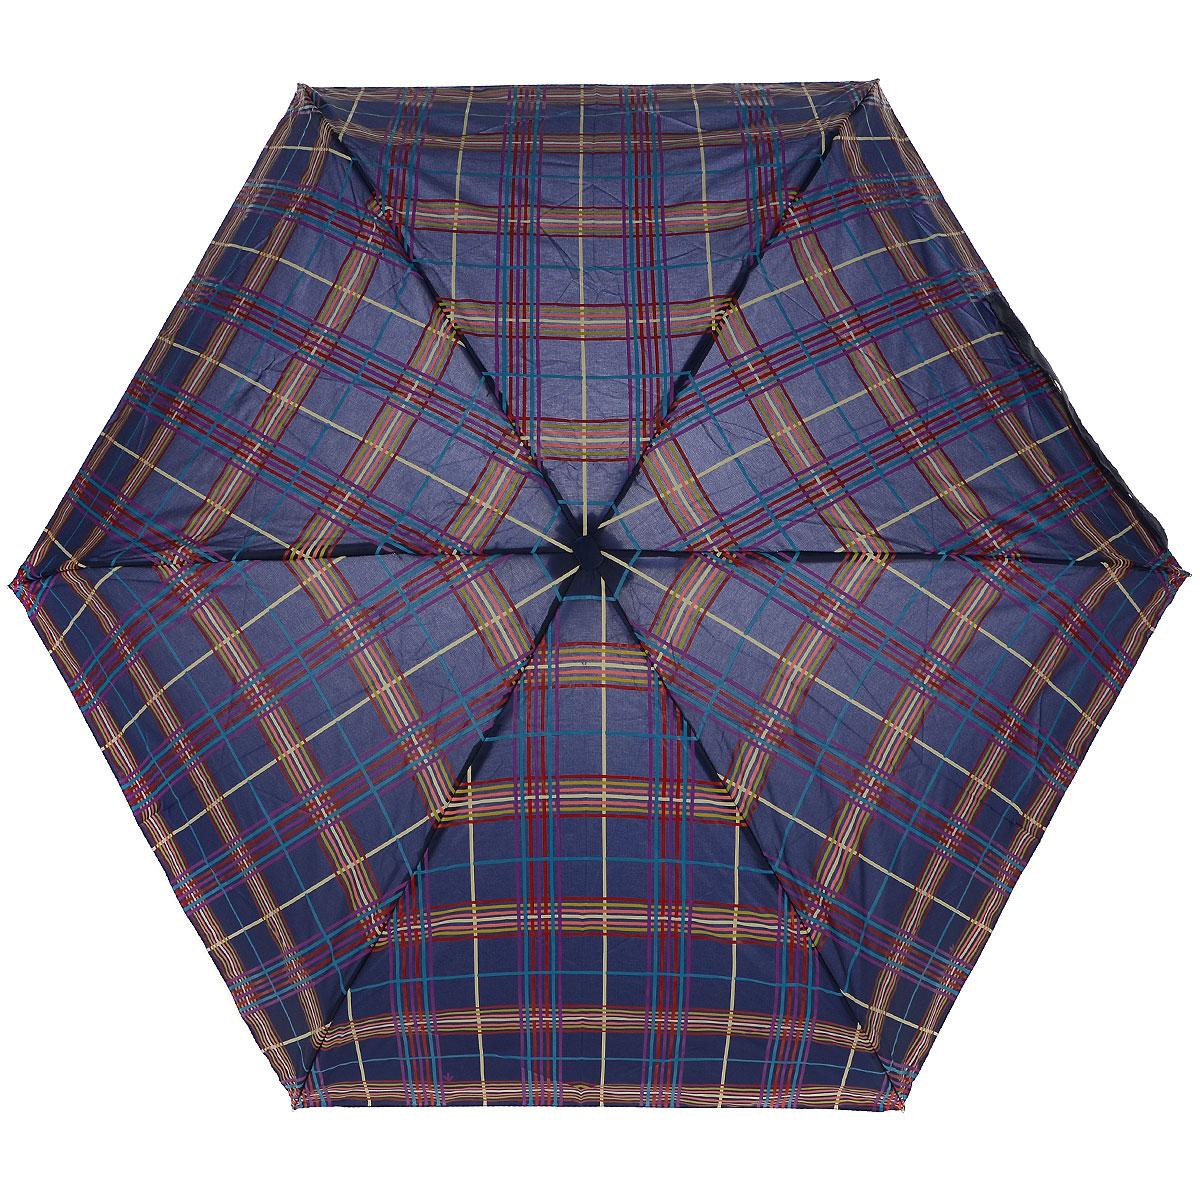 """Зонт женский Fulton Check, механический, 5 сложений, цвет: синийREM12-CAM-GREENBLACKСтильный сверхкомпактный зонт """"Check"""" защитит от непогоды, а его компактный размер позволит вам всегда носить его с собой. """"Ветростойкий"""" плоский алюминиевый каркас в 5 сложений состоит из шести спиц с элементами из фибергласса, зонт оснащен удобной рукояткой из пластика. Купол зонта выполнен из прочного полиэстера синего цвета и оформлен принтом в клетку. На рукоятке для удобства есть небольшой шнурок, позволяющий надеть зонт на руку тогда, когда это будет необходимо. К зонту прилагается чехол.Зонт механического сложения: купол открывается и закрывается вручную, стержень также складывается вручную до характерного щелчка. Характеристики: Материал: алюминий, фибергласс, пластик, полиэстер. Цвет: синий. Диаметр купола: 87 см. Длина зонта в сложенном виде: 15 см. Длина ручки (стержня) в раскрытом виде:50 см.Вес: 158 г. Артикул: L501 3F2618."""